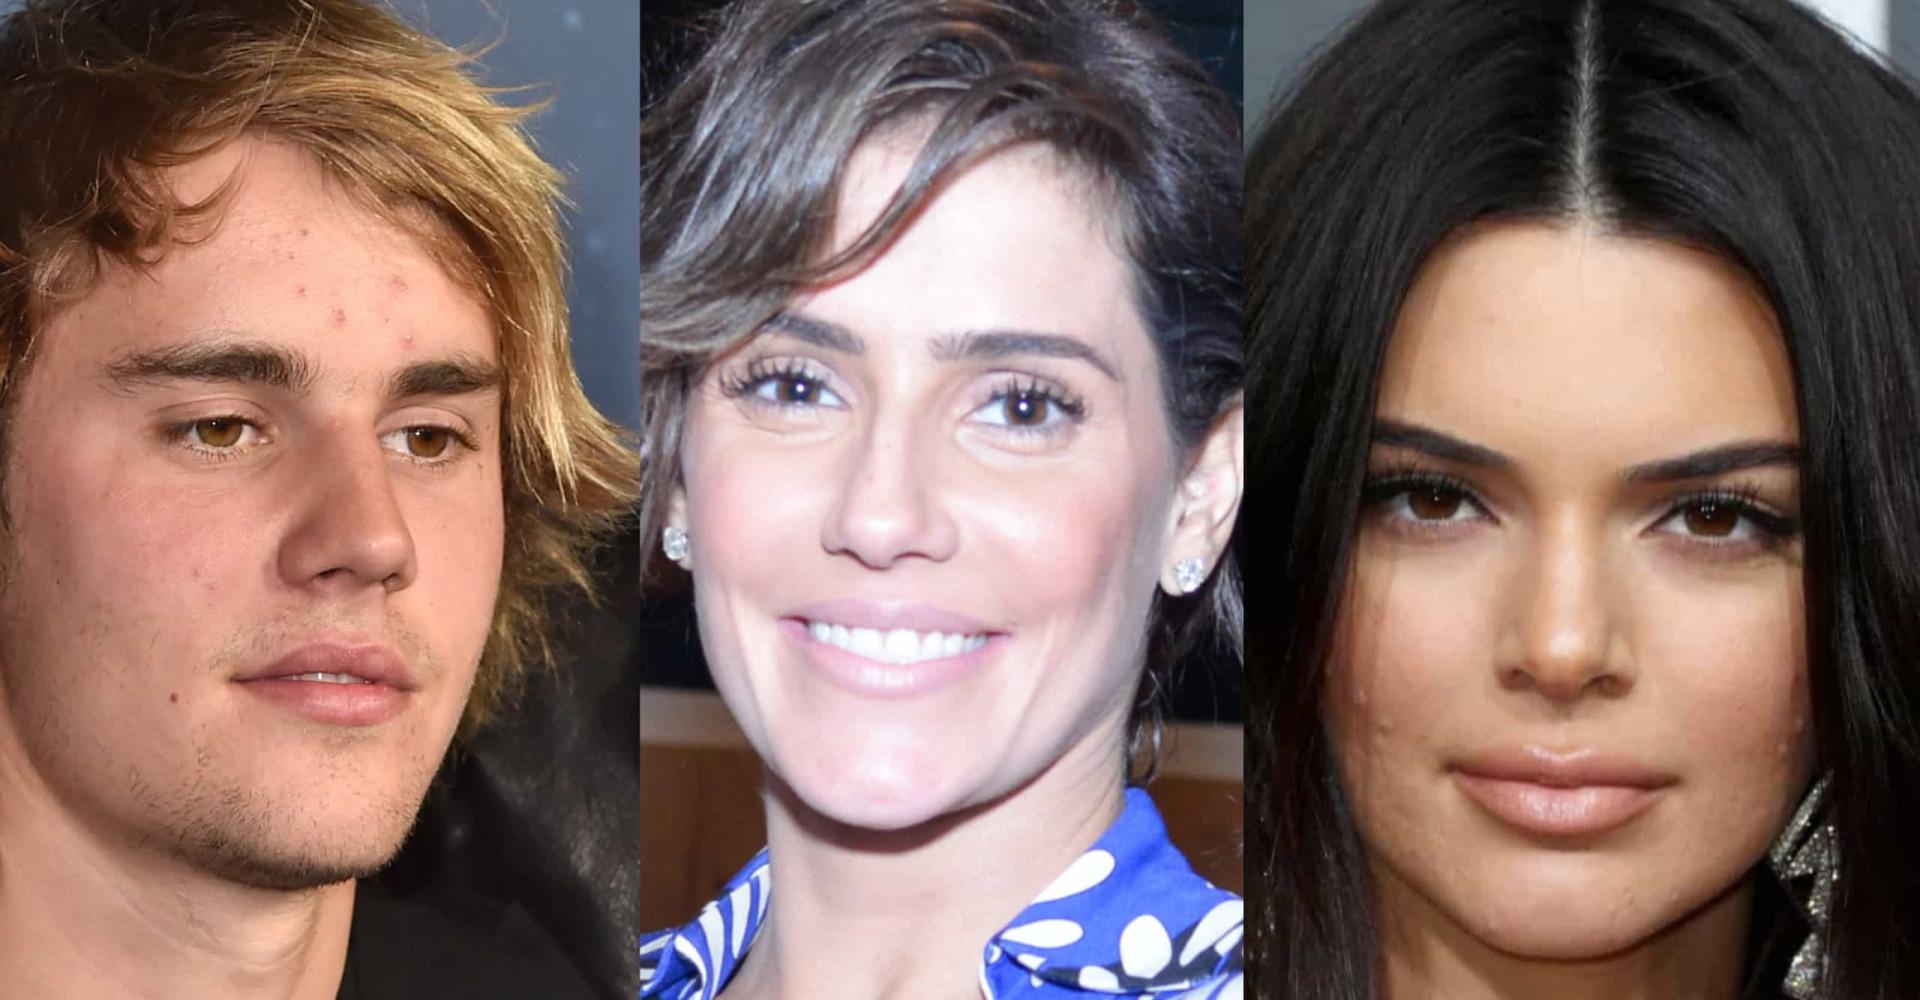 Acne: veja como as celebridades lidam com as temidas espinhas!